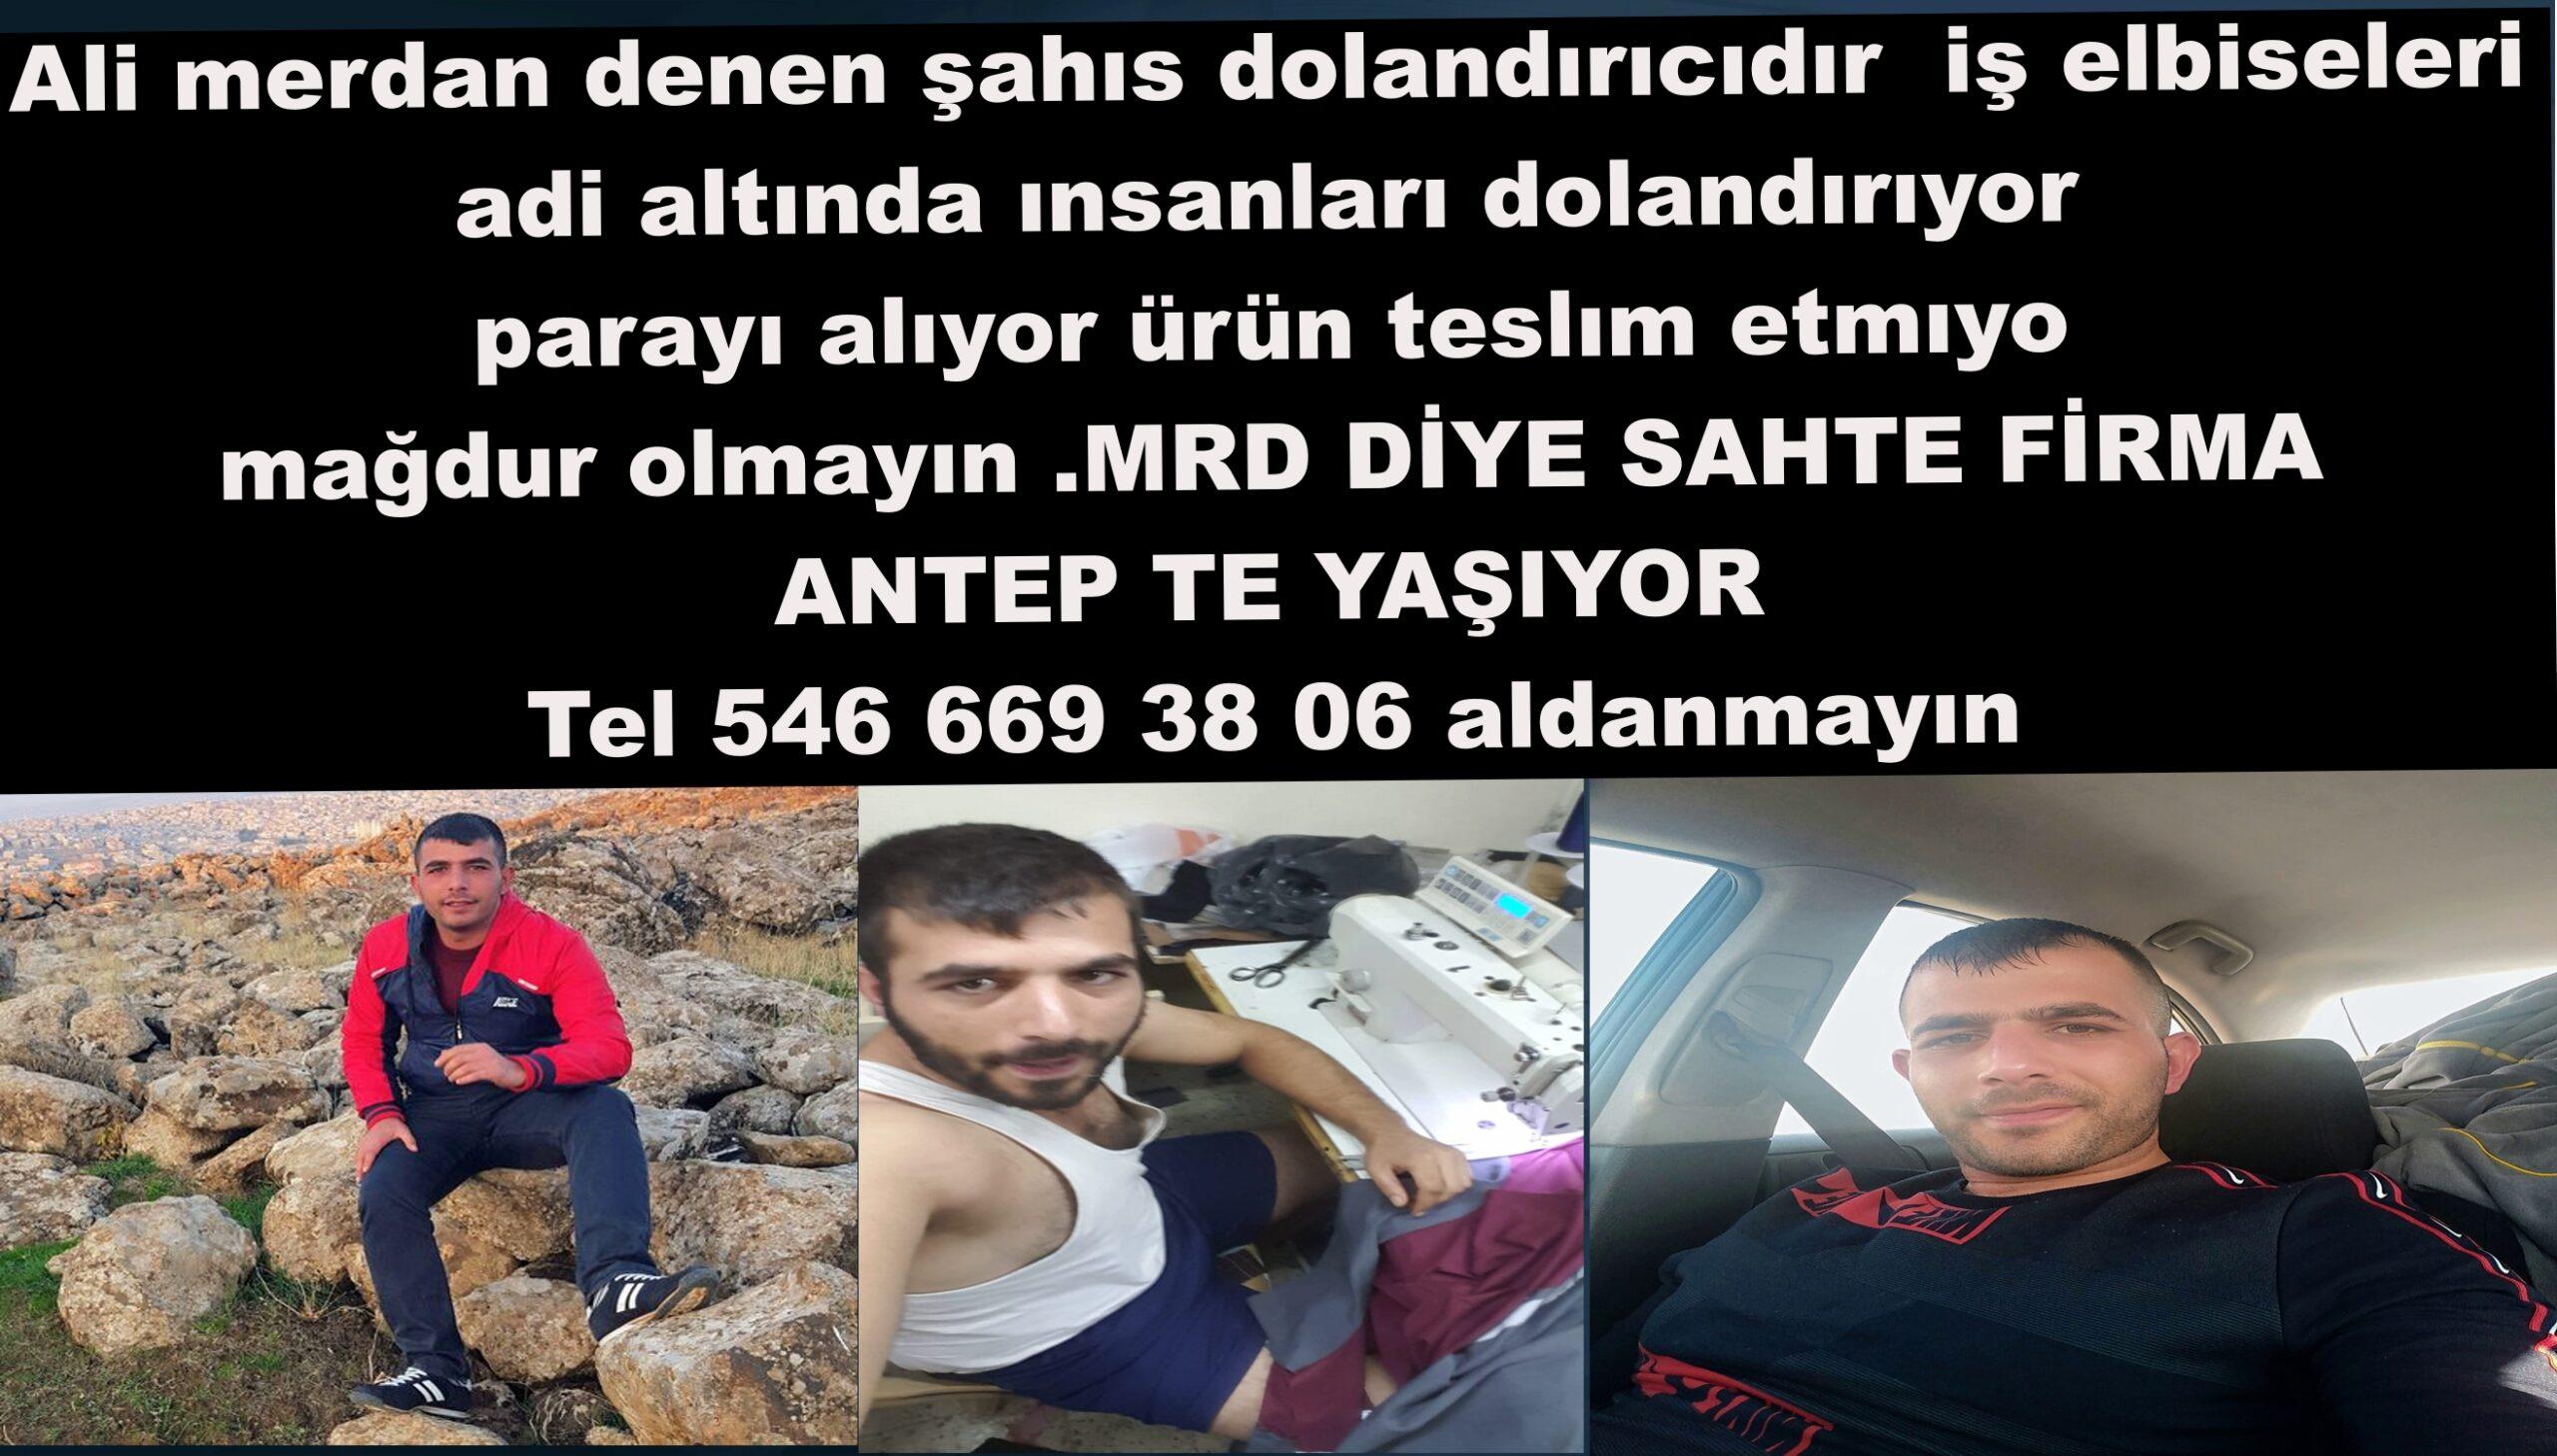 MRD İŞ ELBİSELERİ